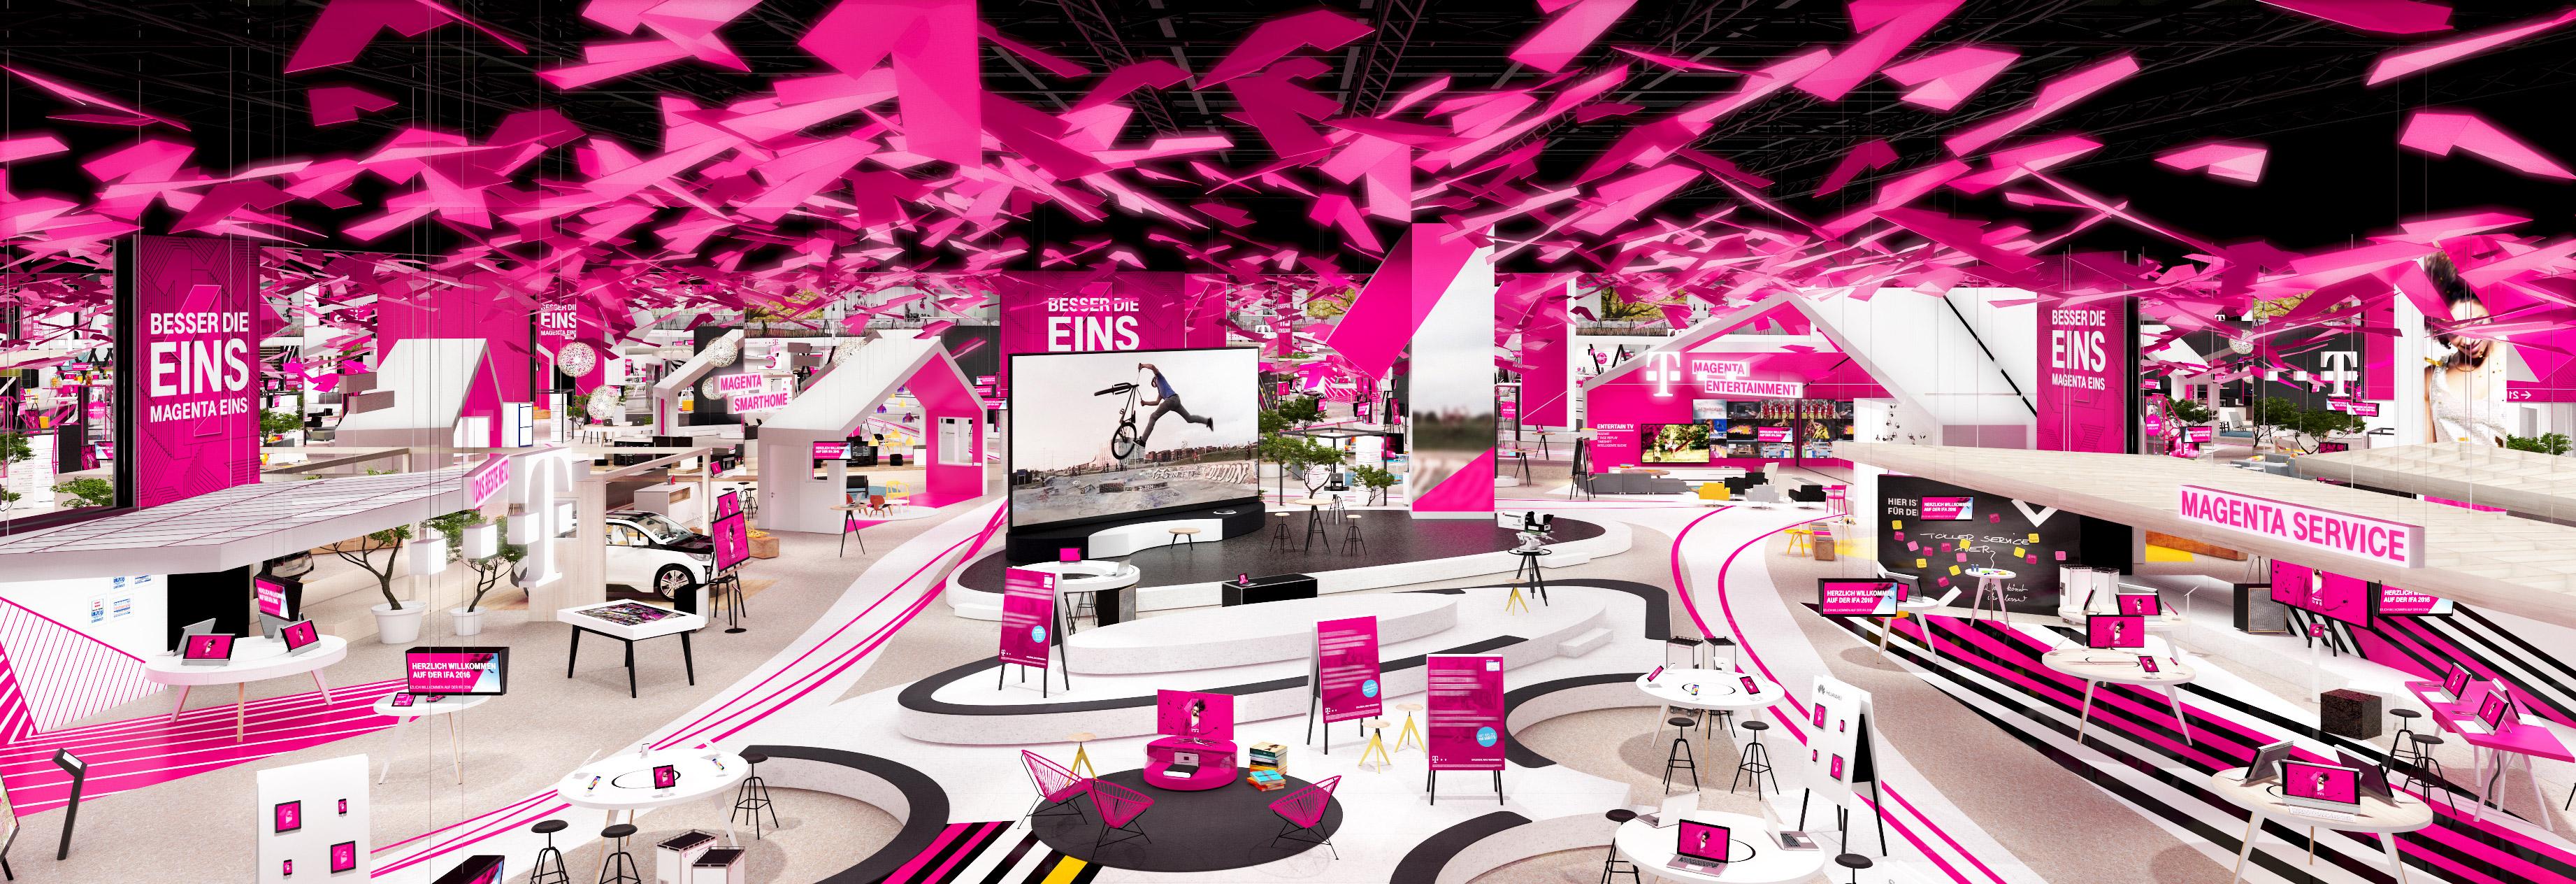 deutsche telekom ifa 2016 deutsche telekom puts everything on eins. Black Bedroom Furniture Sets. Home Design Ideas